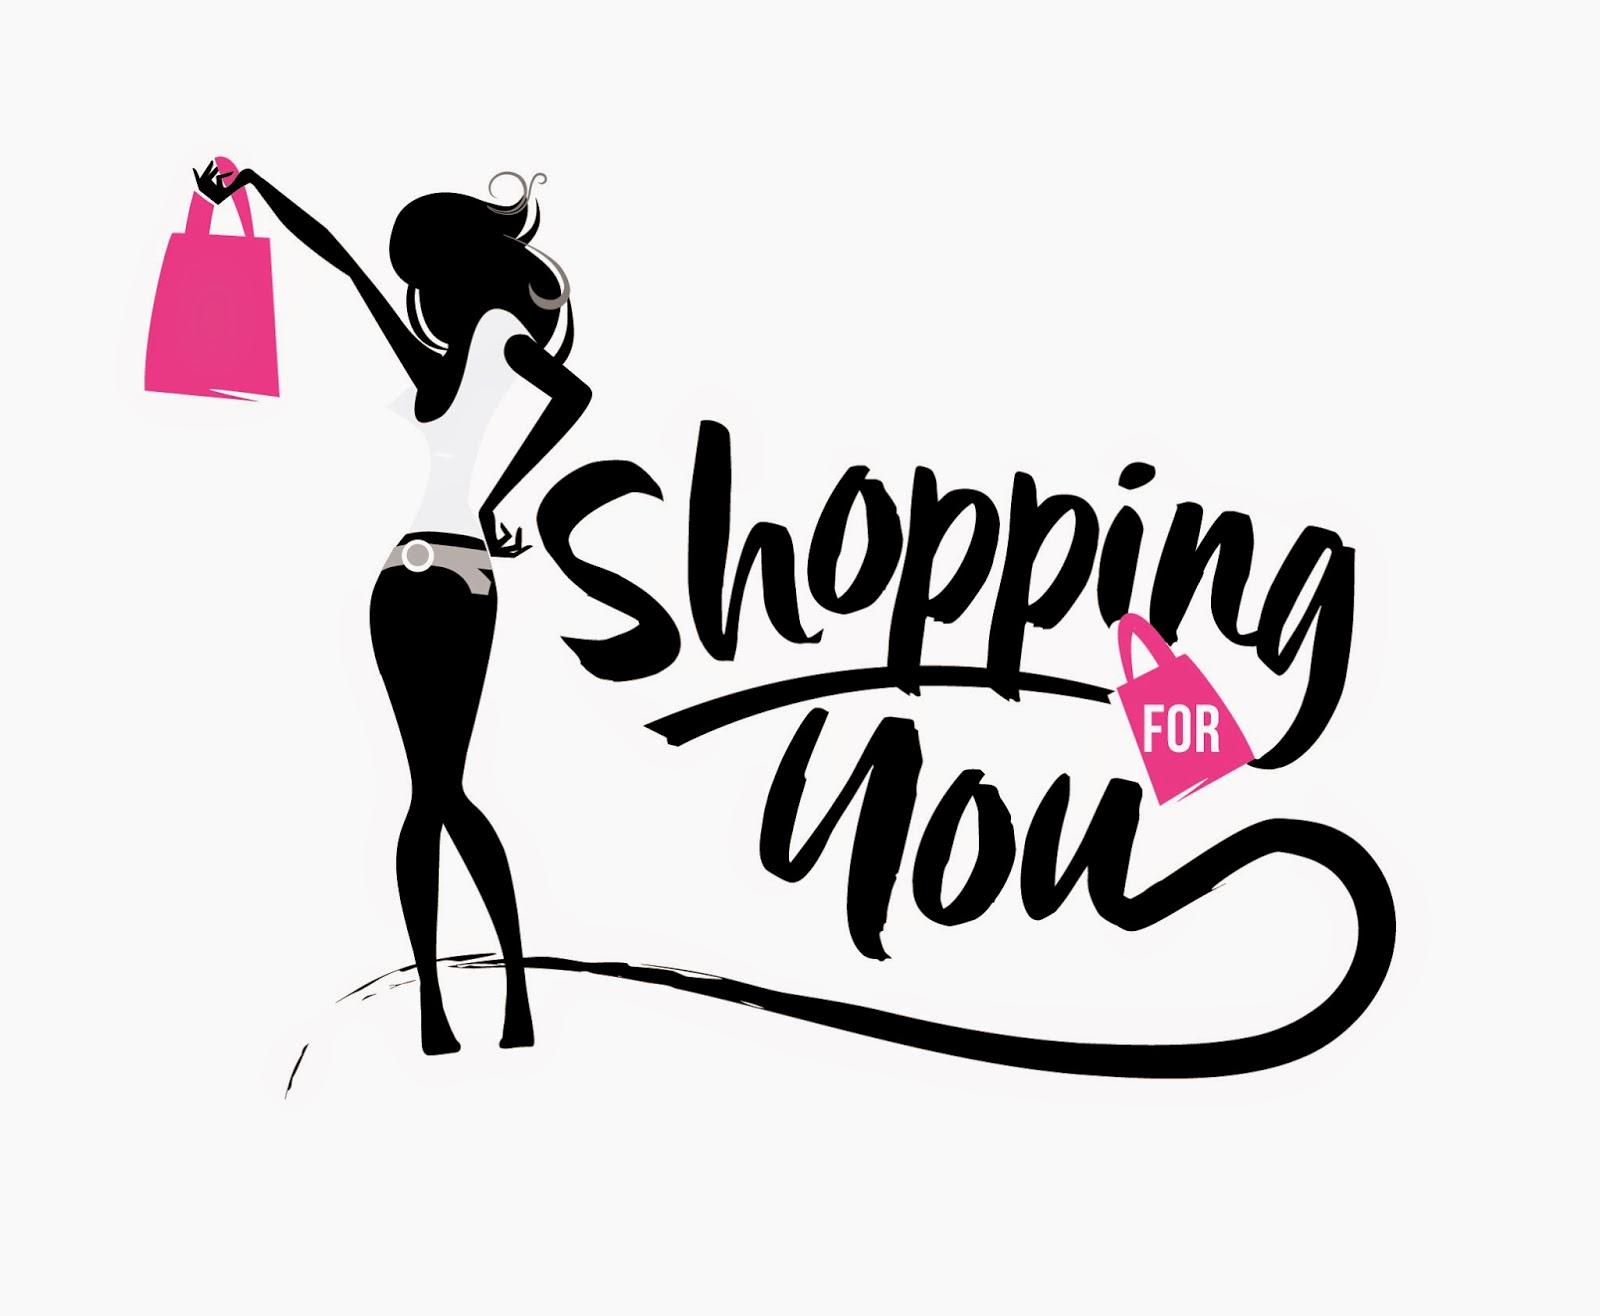 Las tiendas de ropa de mujeres conocidas y de marcas son las que logran superar grandes ventas mensuales, si el objetivo de una tienda o negocio nuevo de ropas para mujeres esta en lograr el éxito soñado debe empezar por trabajar la marca.